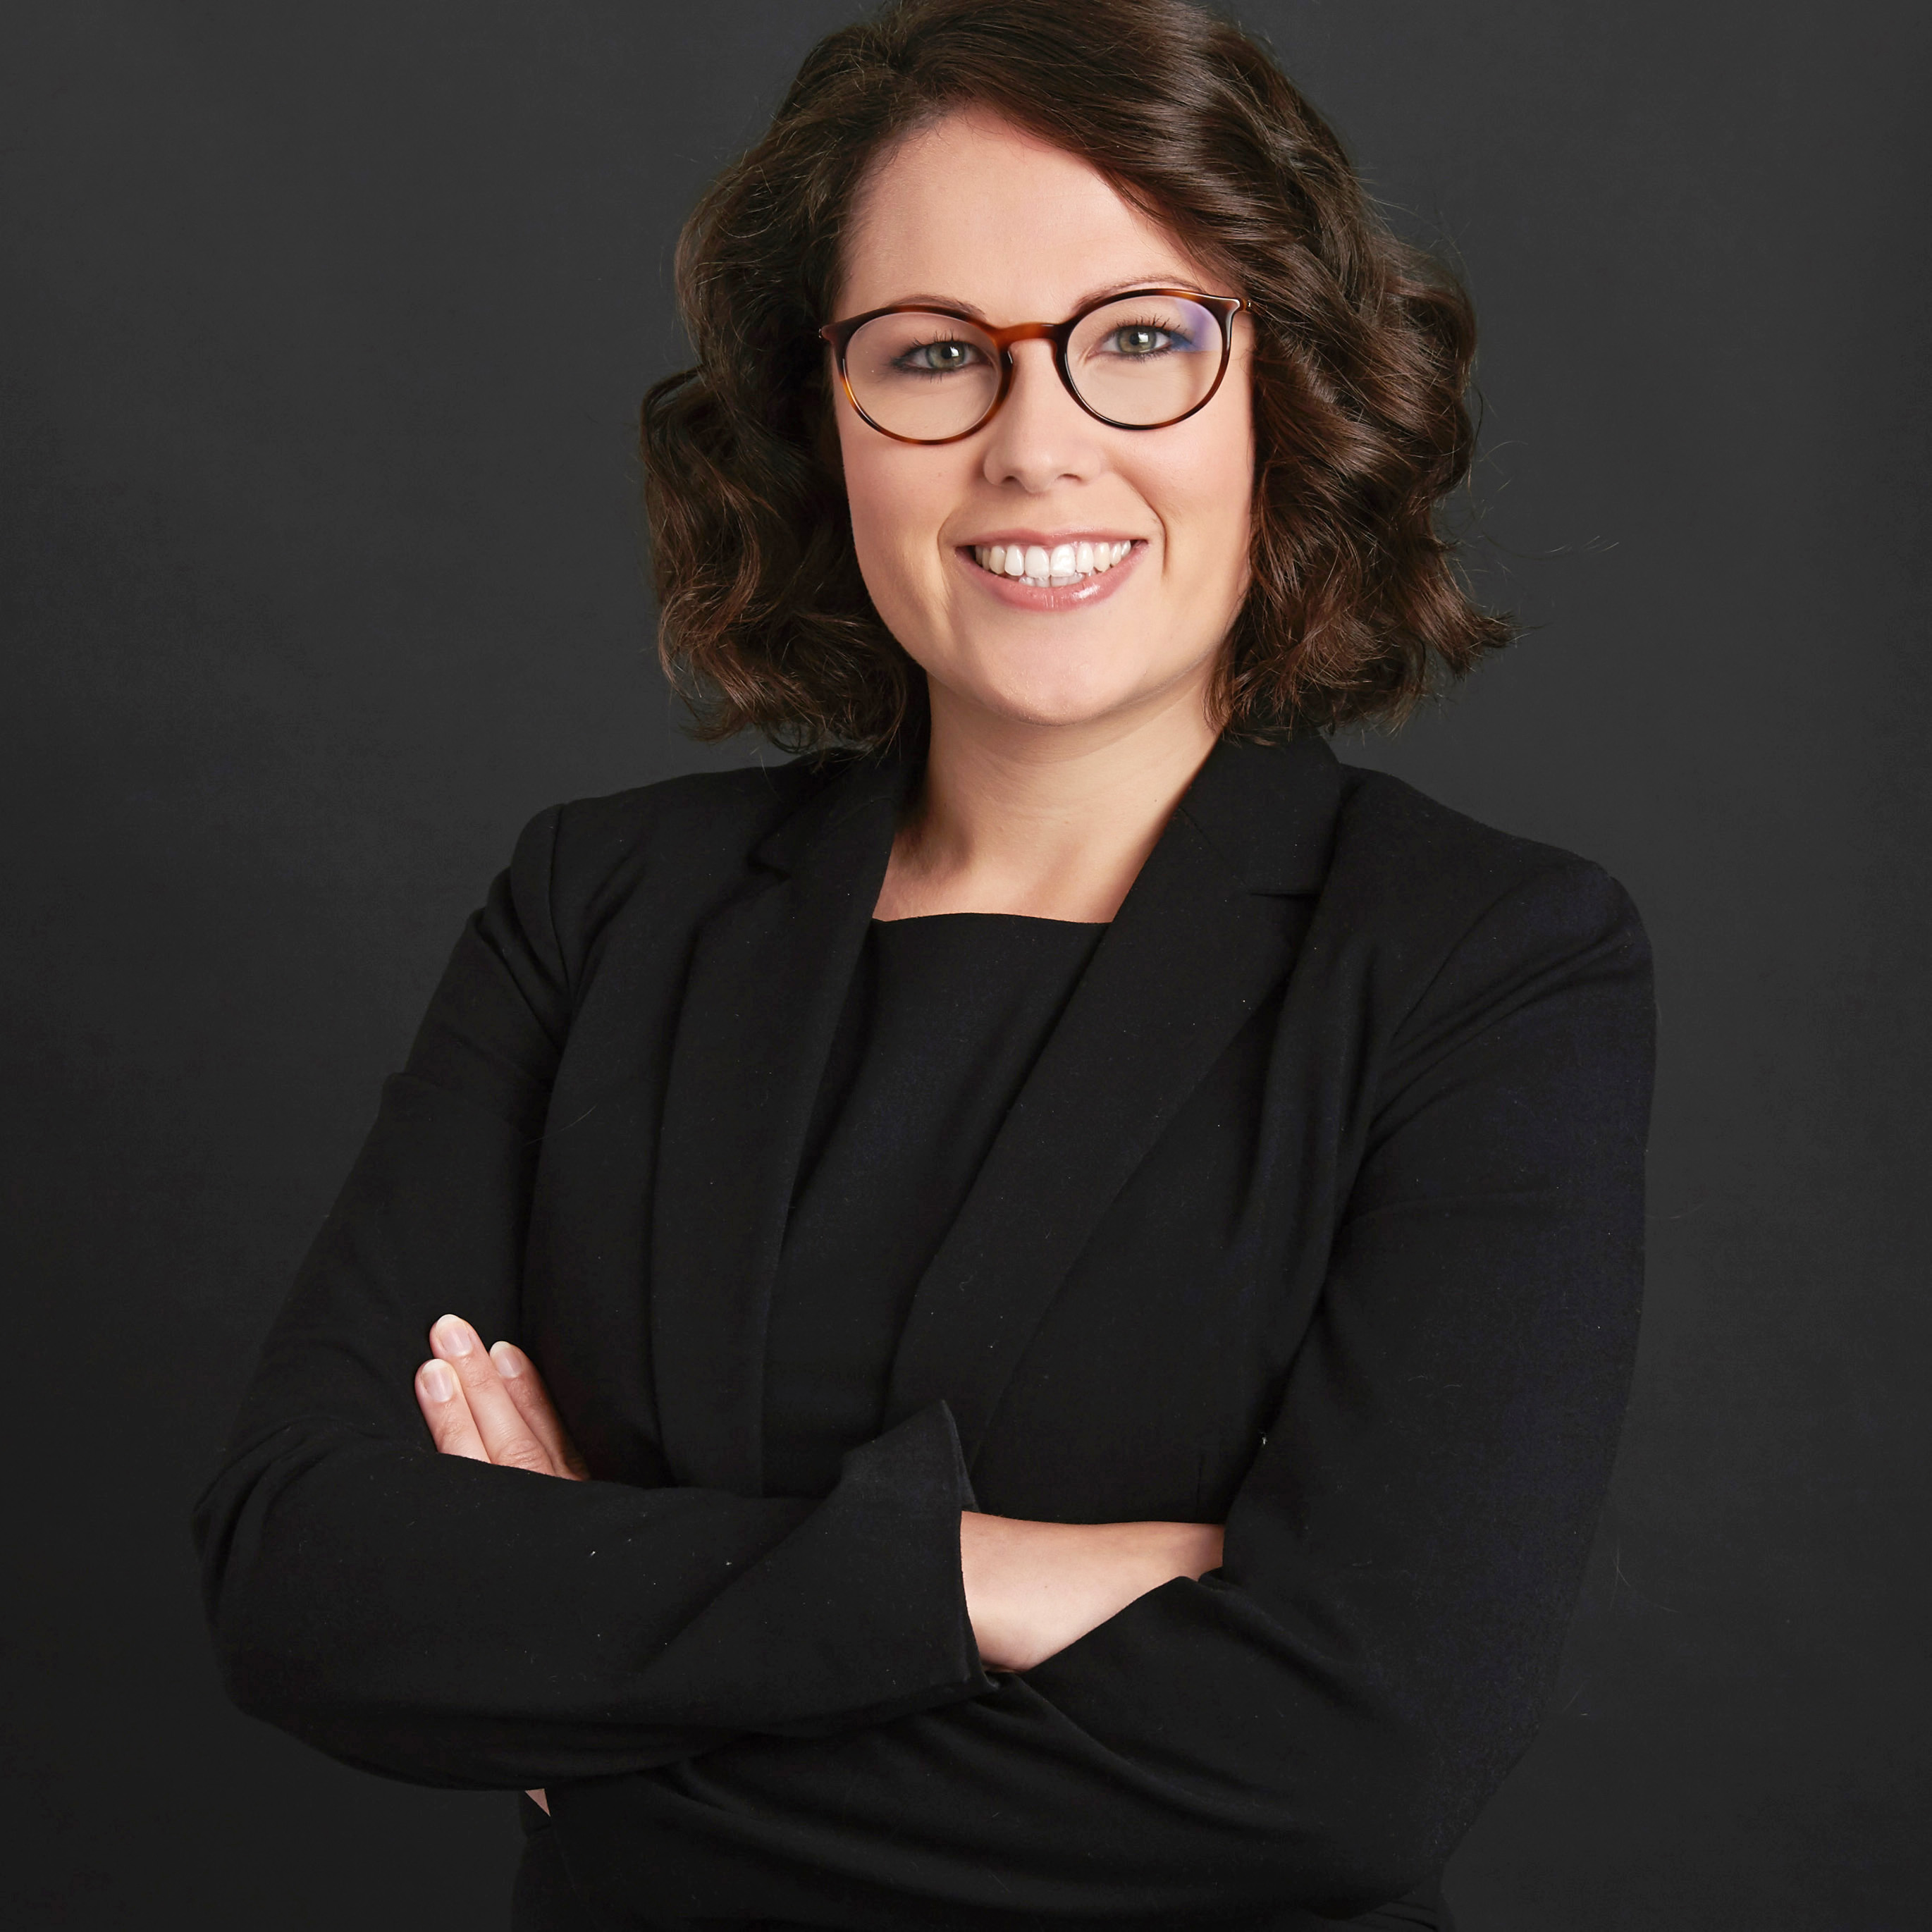 Victoria Hamblen